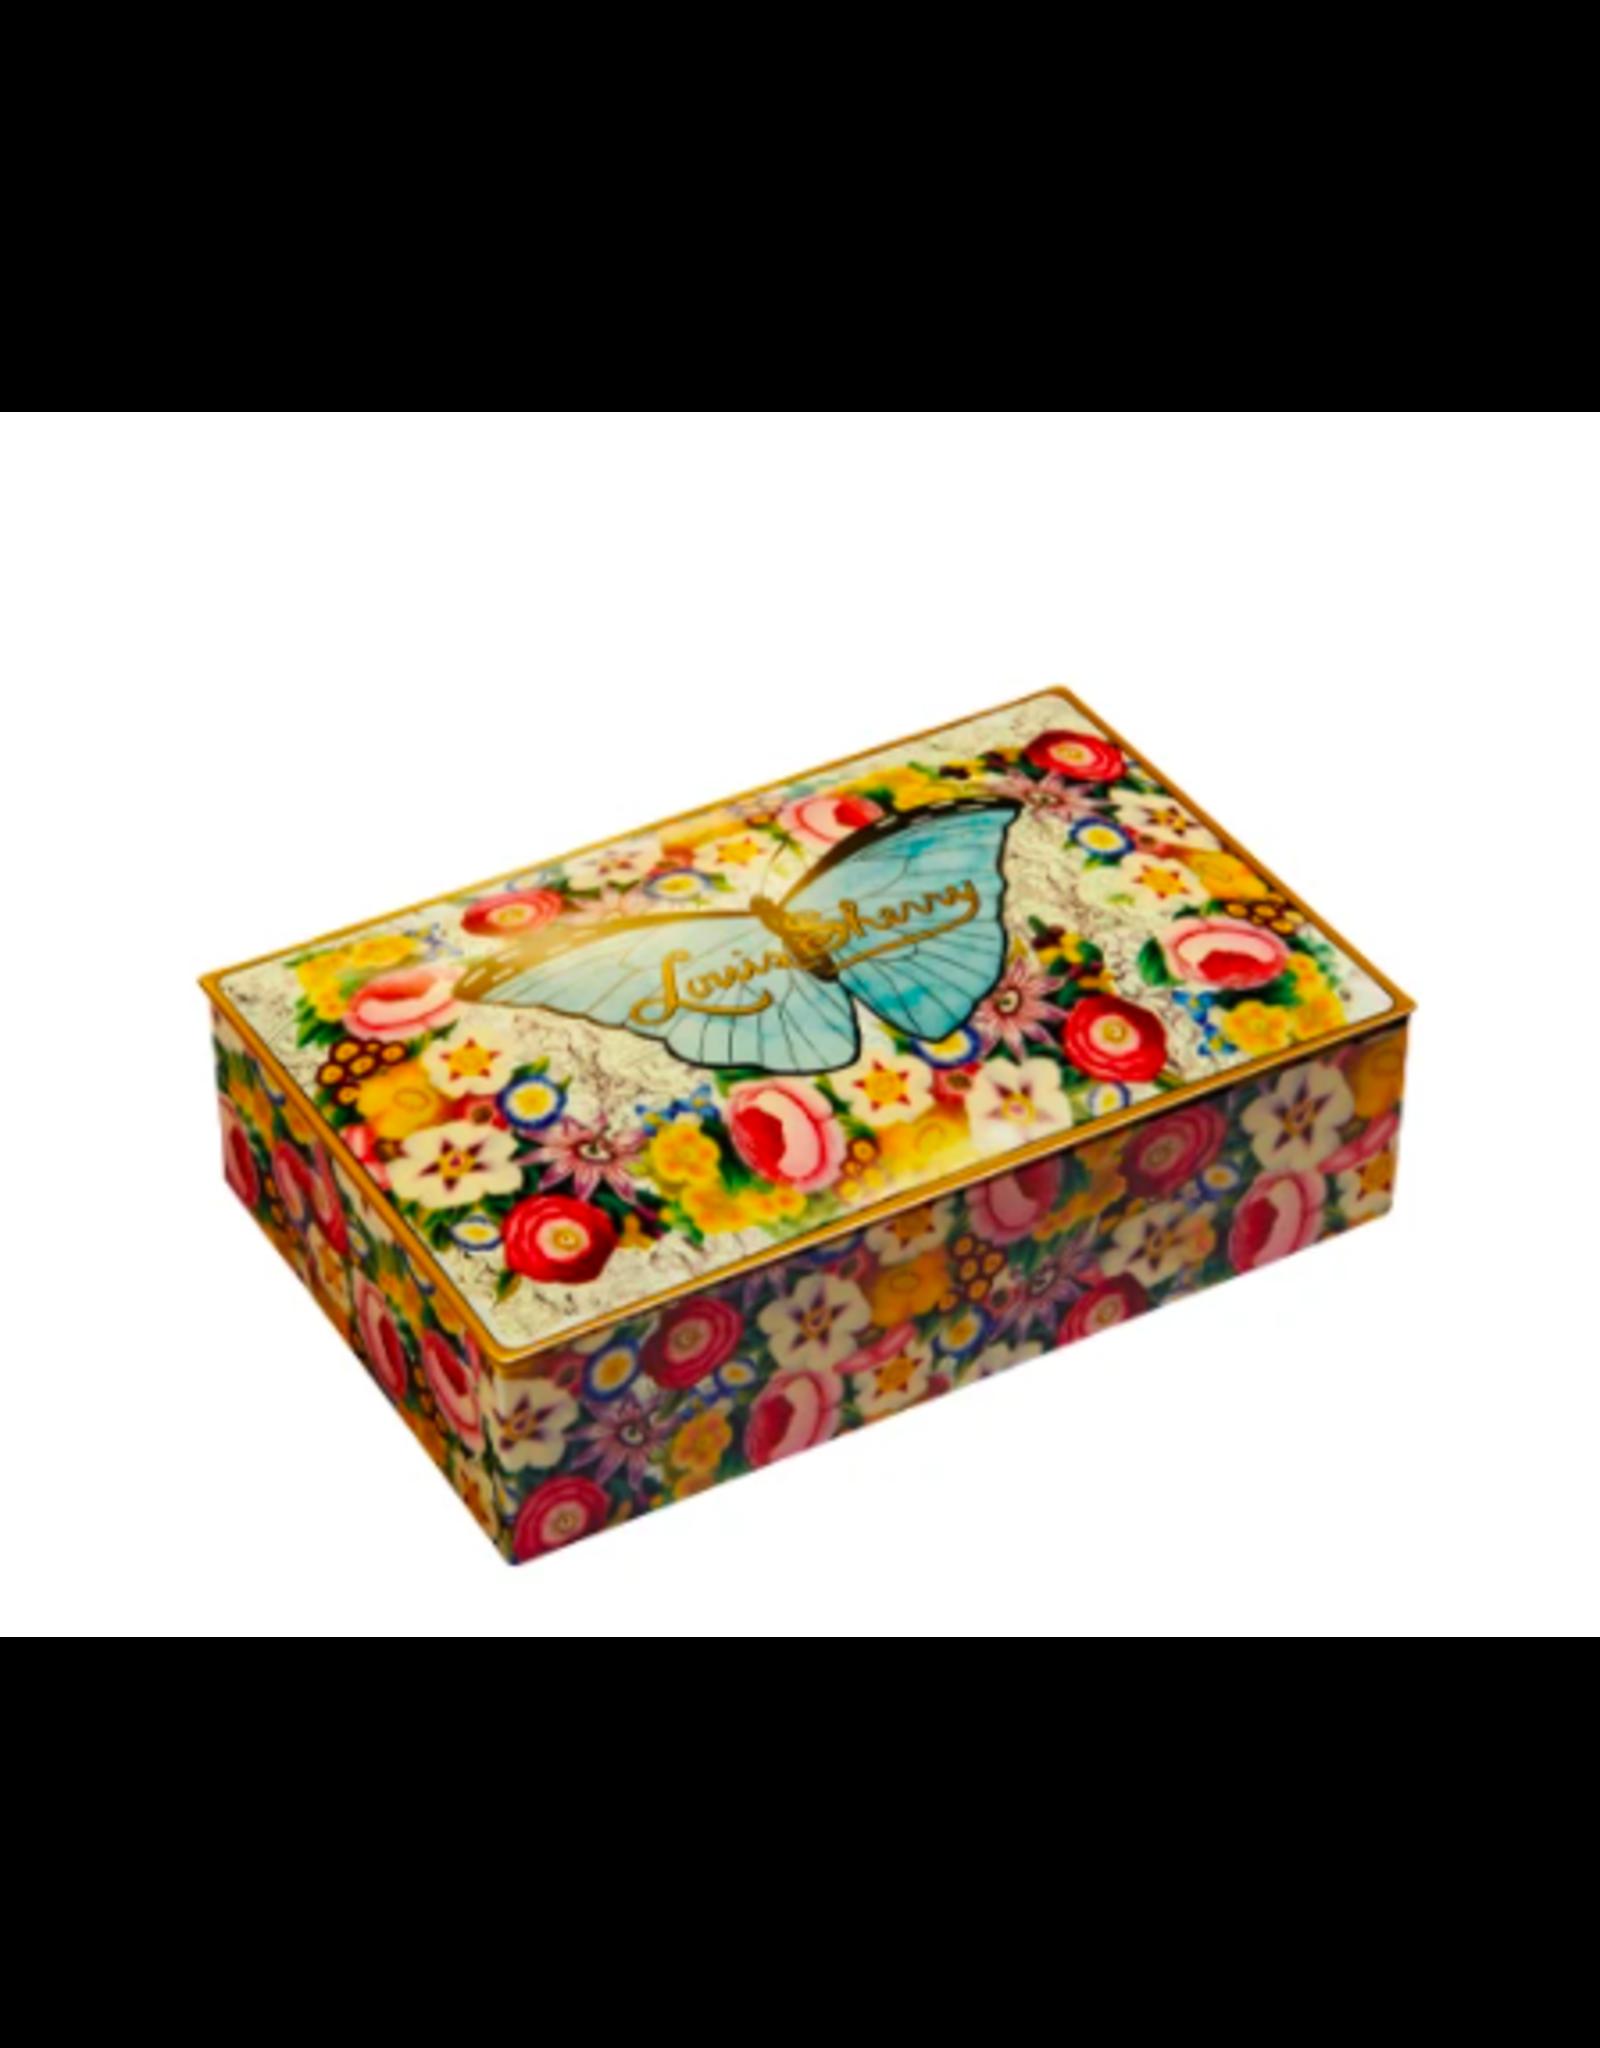 Louis Sherry 12 Piece John Derian Butterfly by Louis Sherry